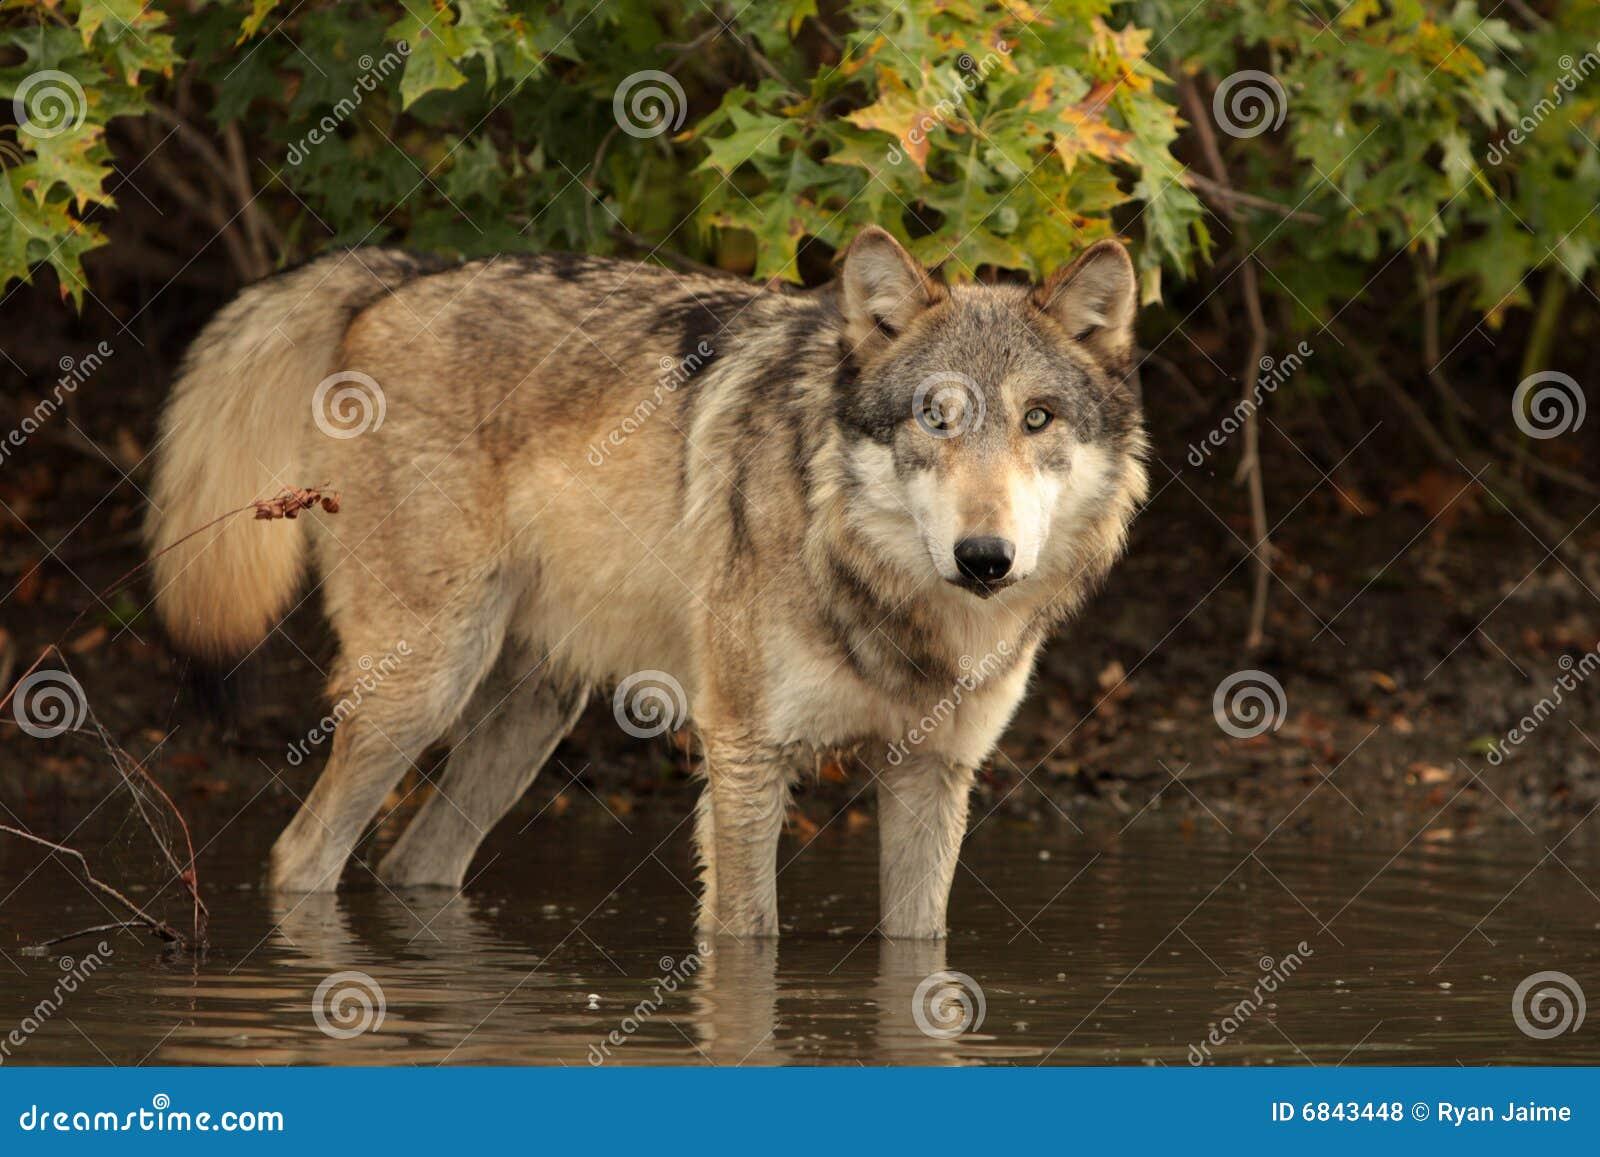 天狼犬座狼